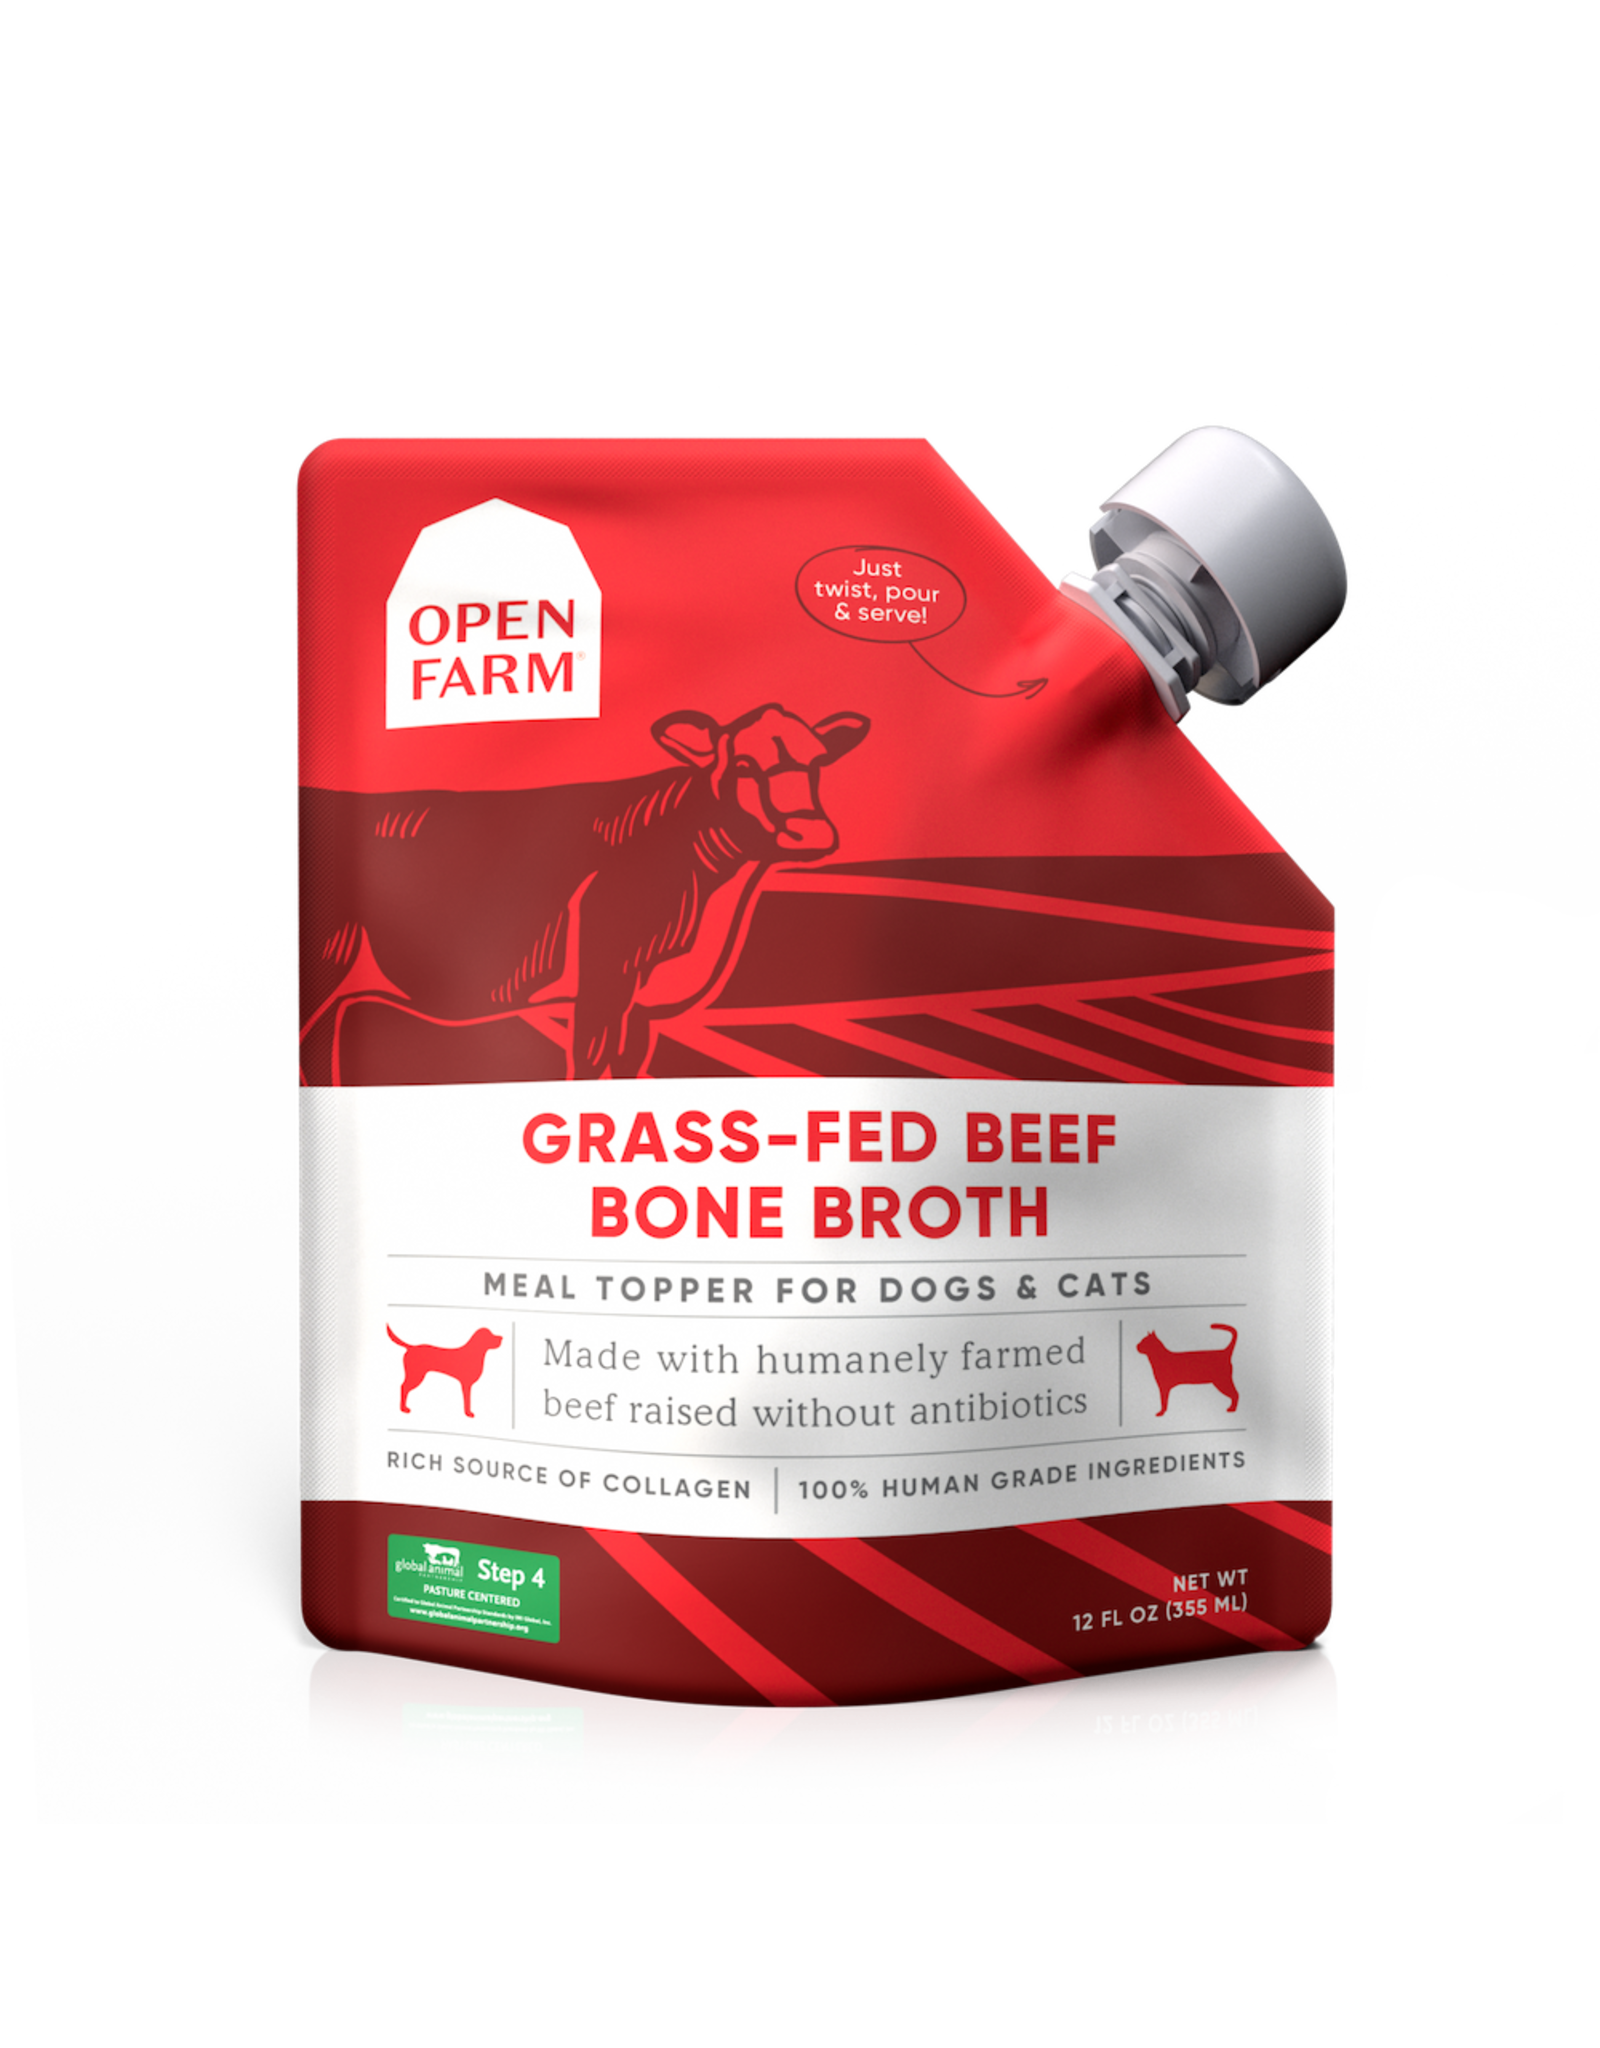 Open Farm OPEN FARM GRASS-FED BEEF BONE BROTH 12OZ